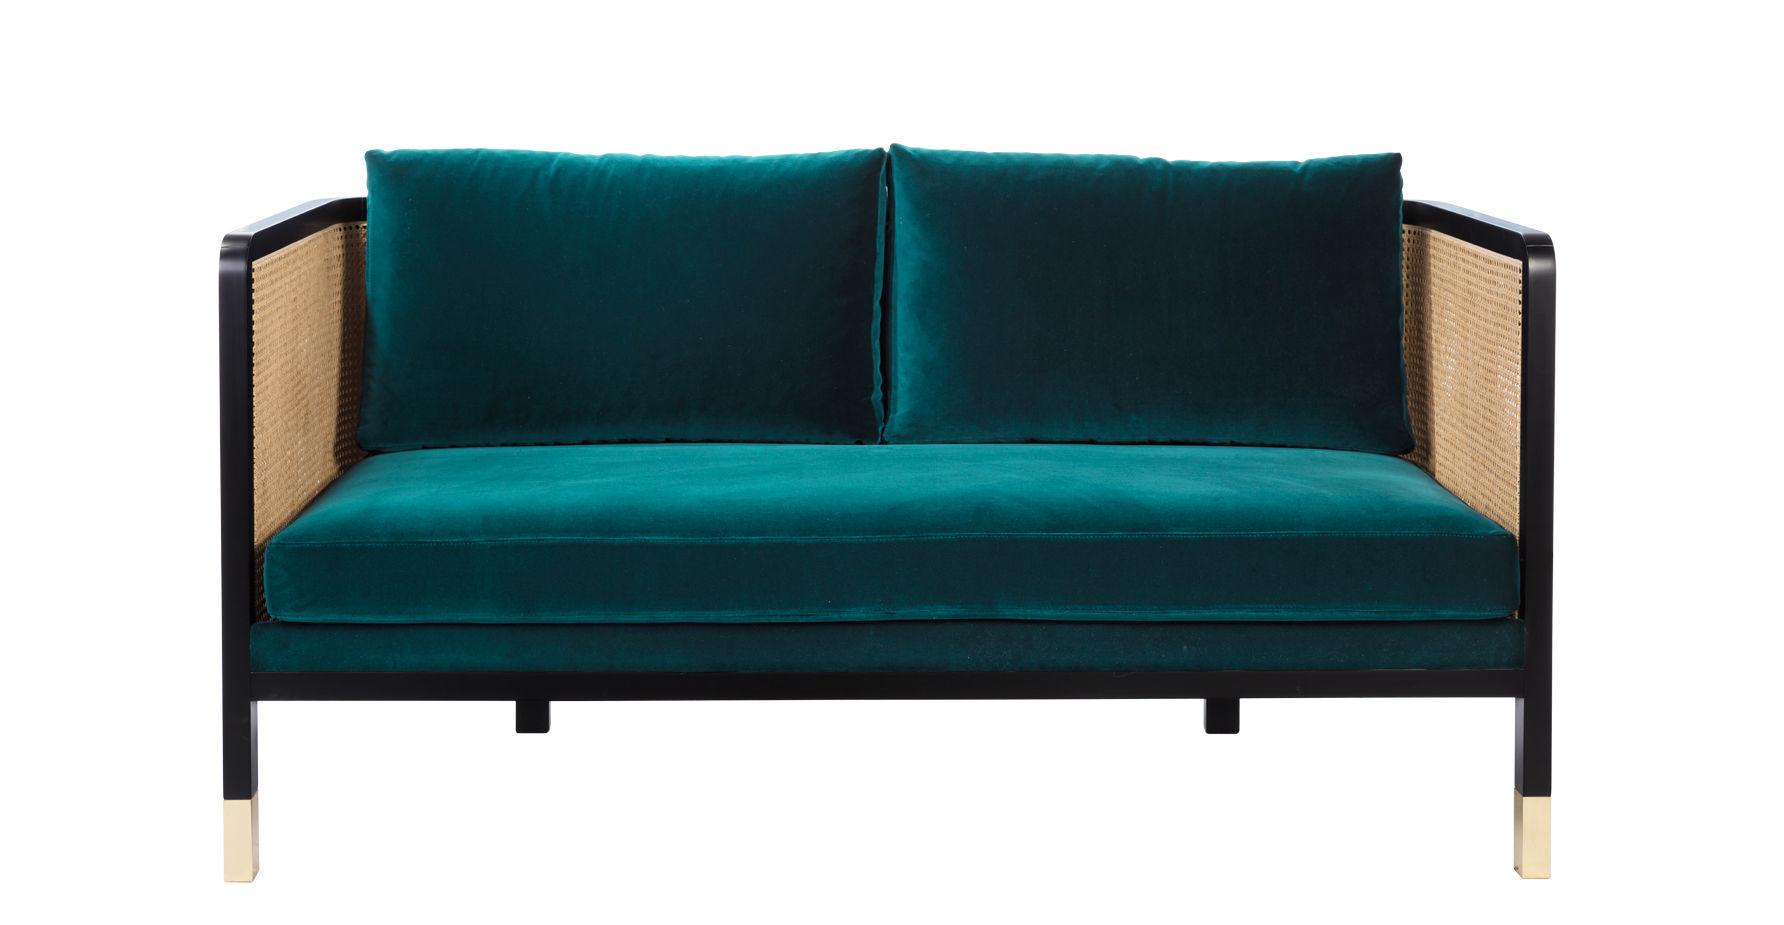 Mobilier - Canapés - Canapé droit Cannage / L 160 cm - Velours - RED Edition - Bleu Canard / Noir & naturel -  Plumes, Acier, Hêtre teinté, Mousse haute résilience, Rotin, Velours